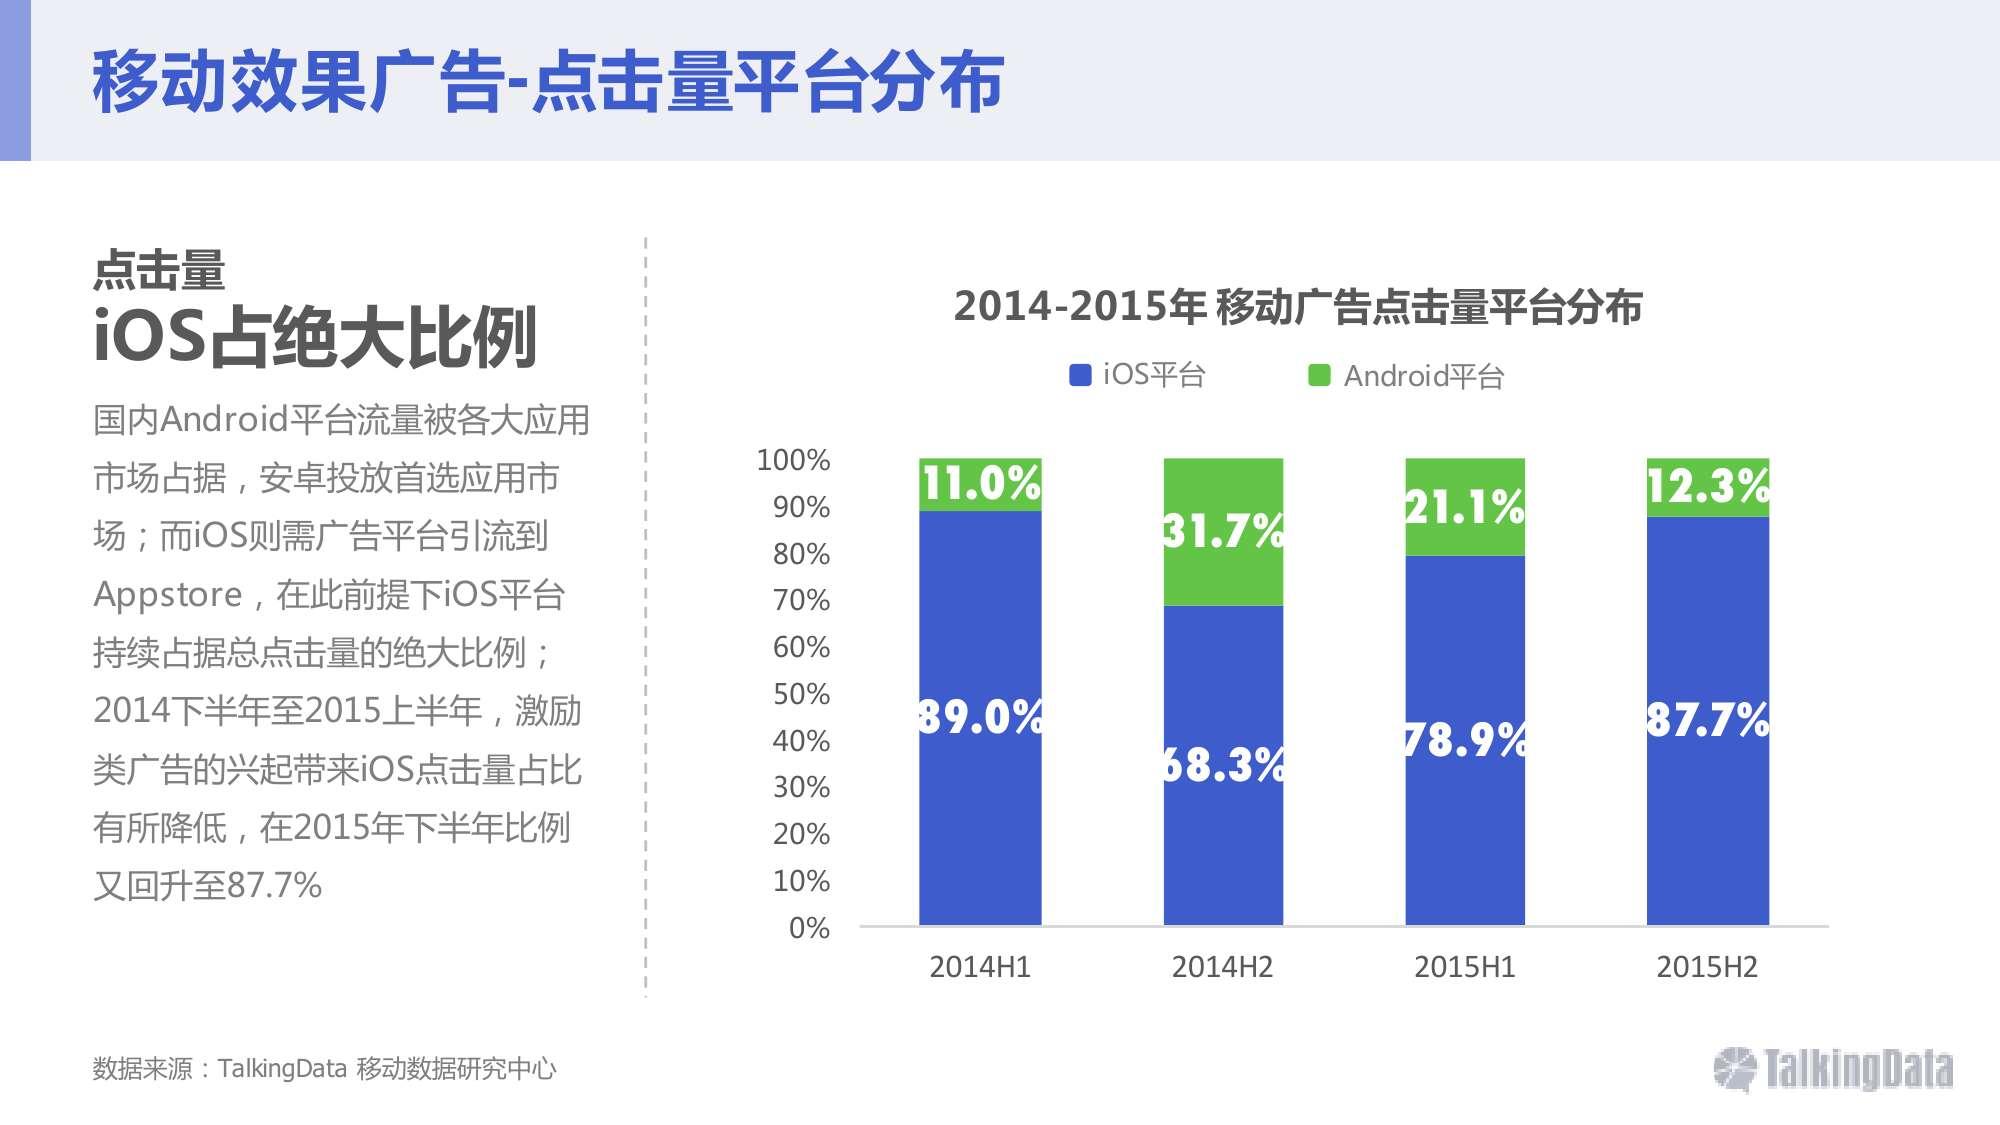 2015年移动广告行业报告_000013